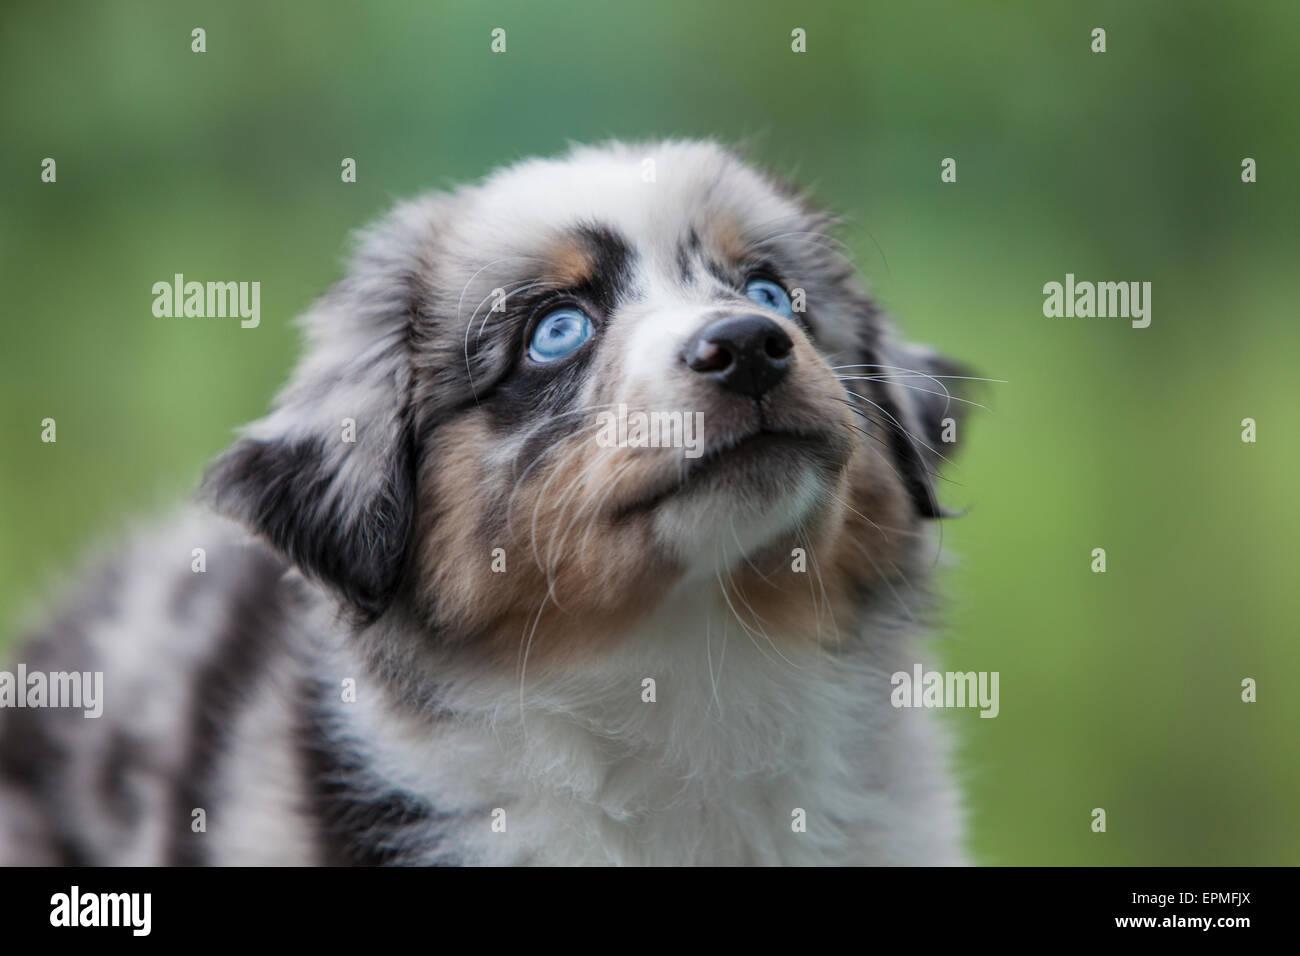 Chiots berger australien sont agiles, énergique et mature dans l'élevage d'une valeur et les chiens fidèles compagnons qui veulent s'il vous plaît. Banque D'Images